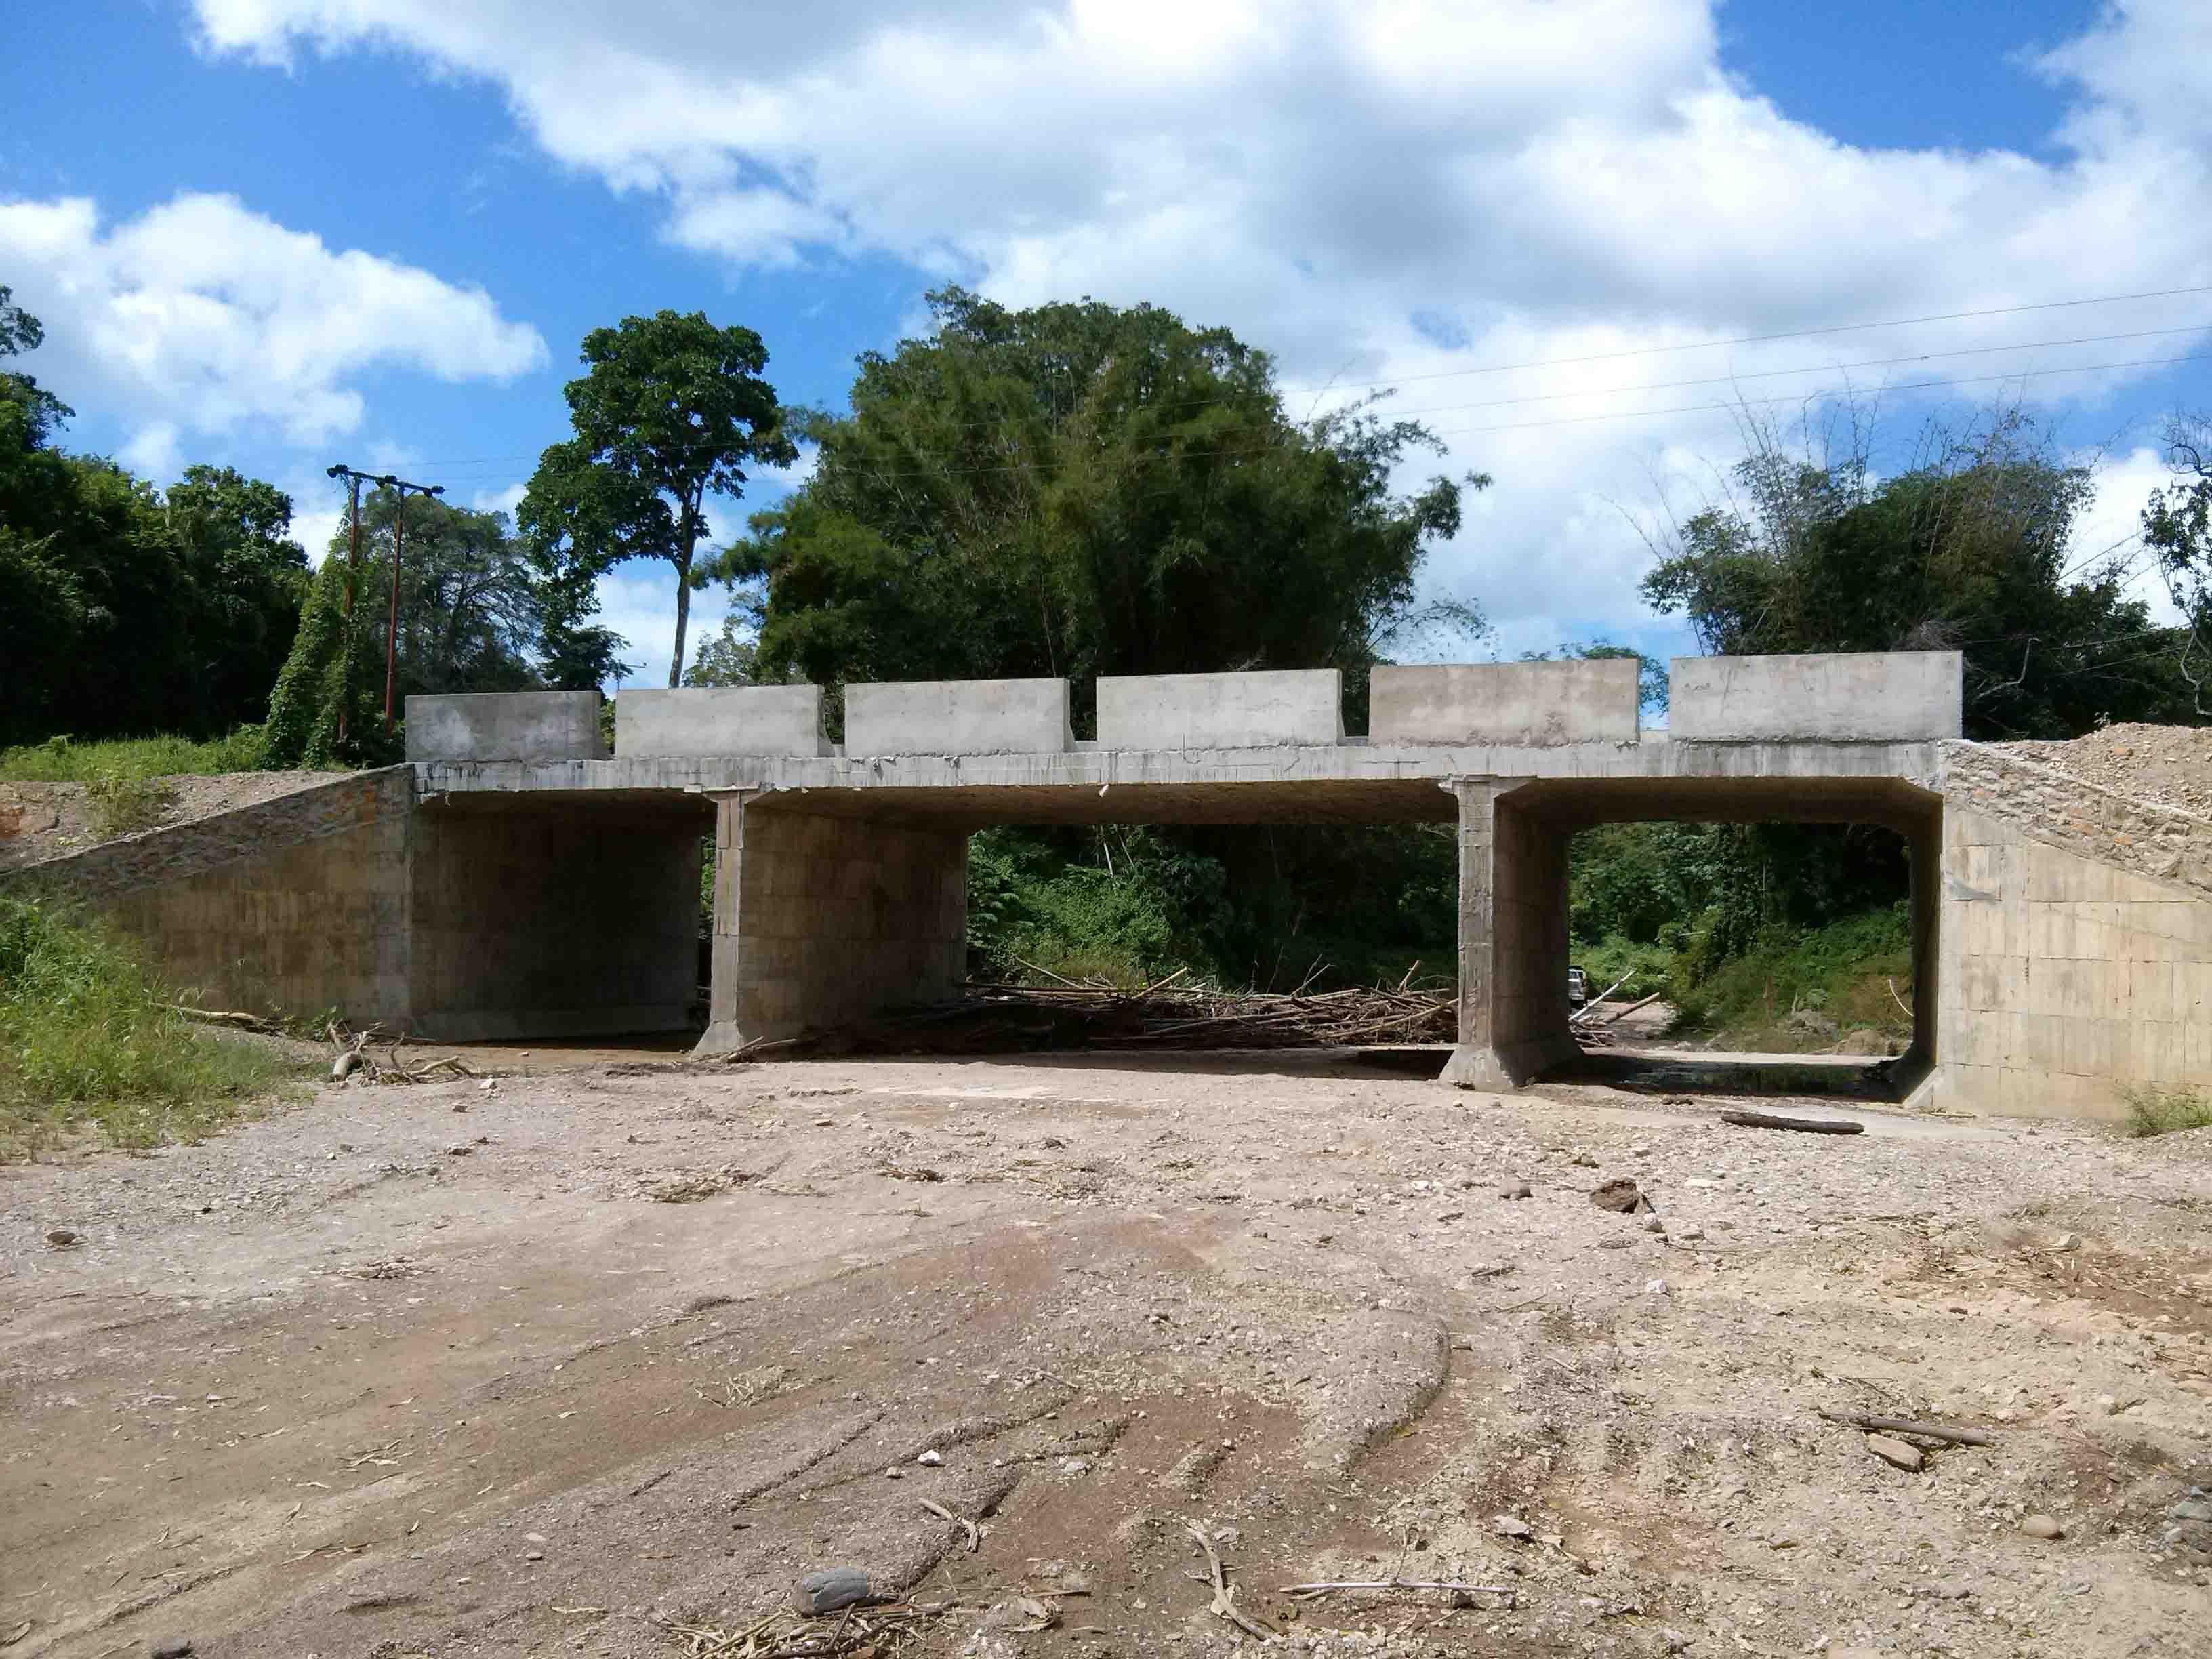 Un nuevo puente para beneficio de nuestro pueblo